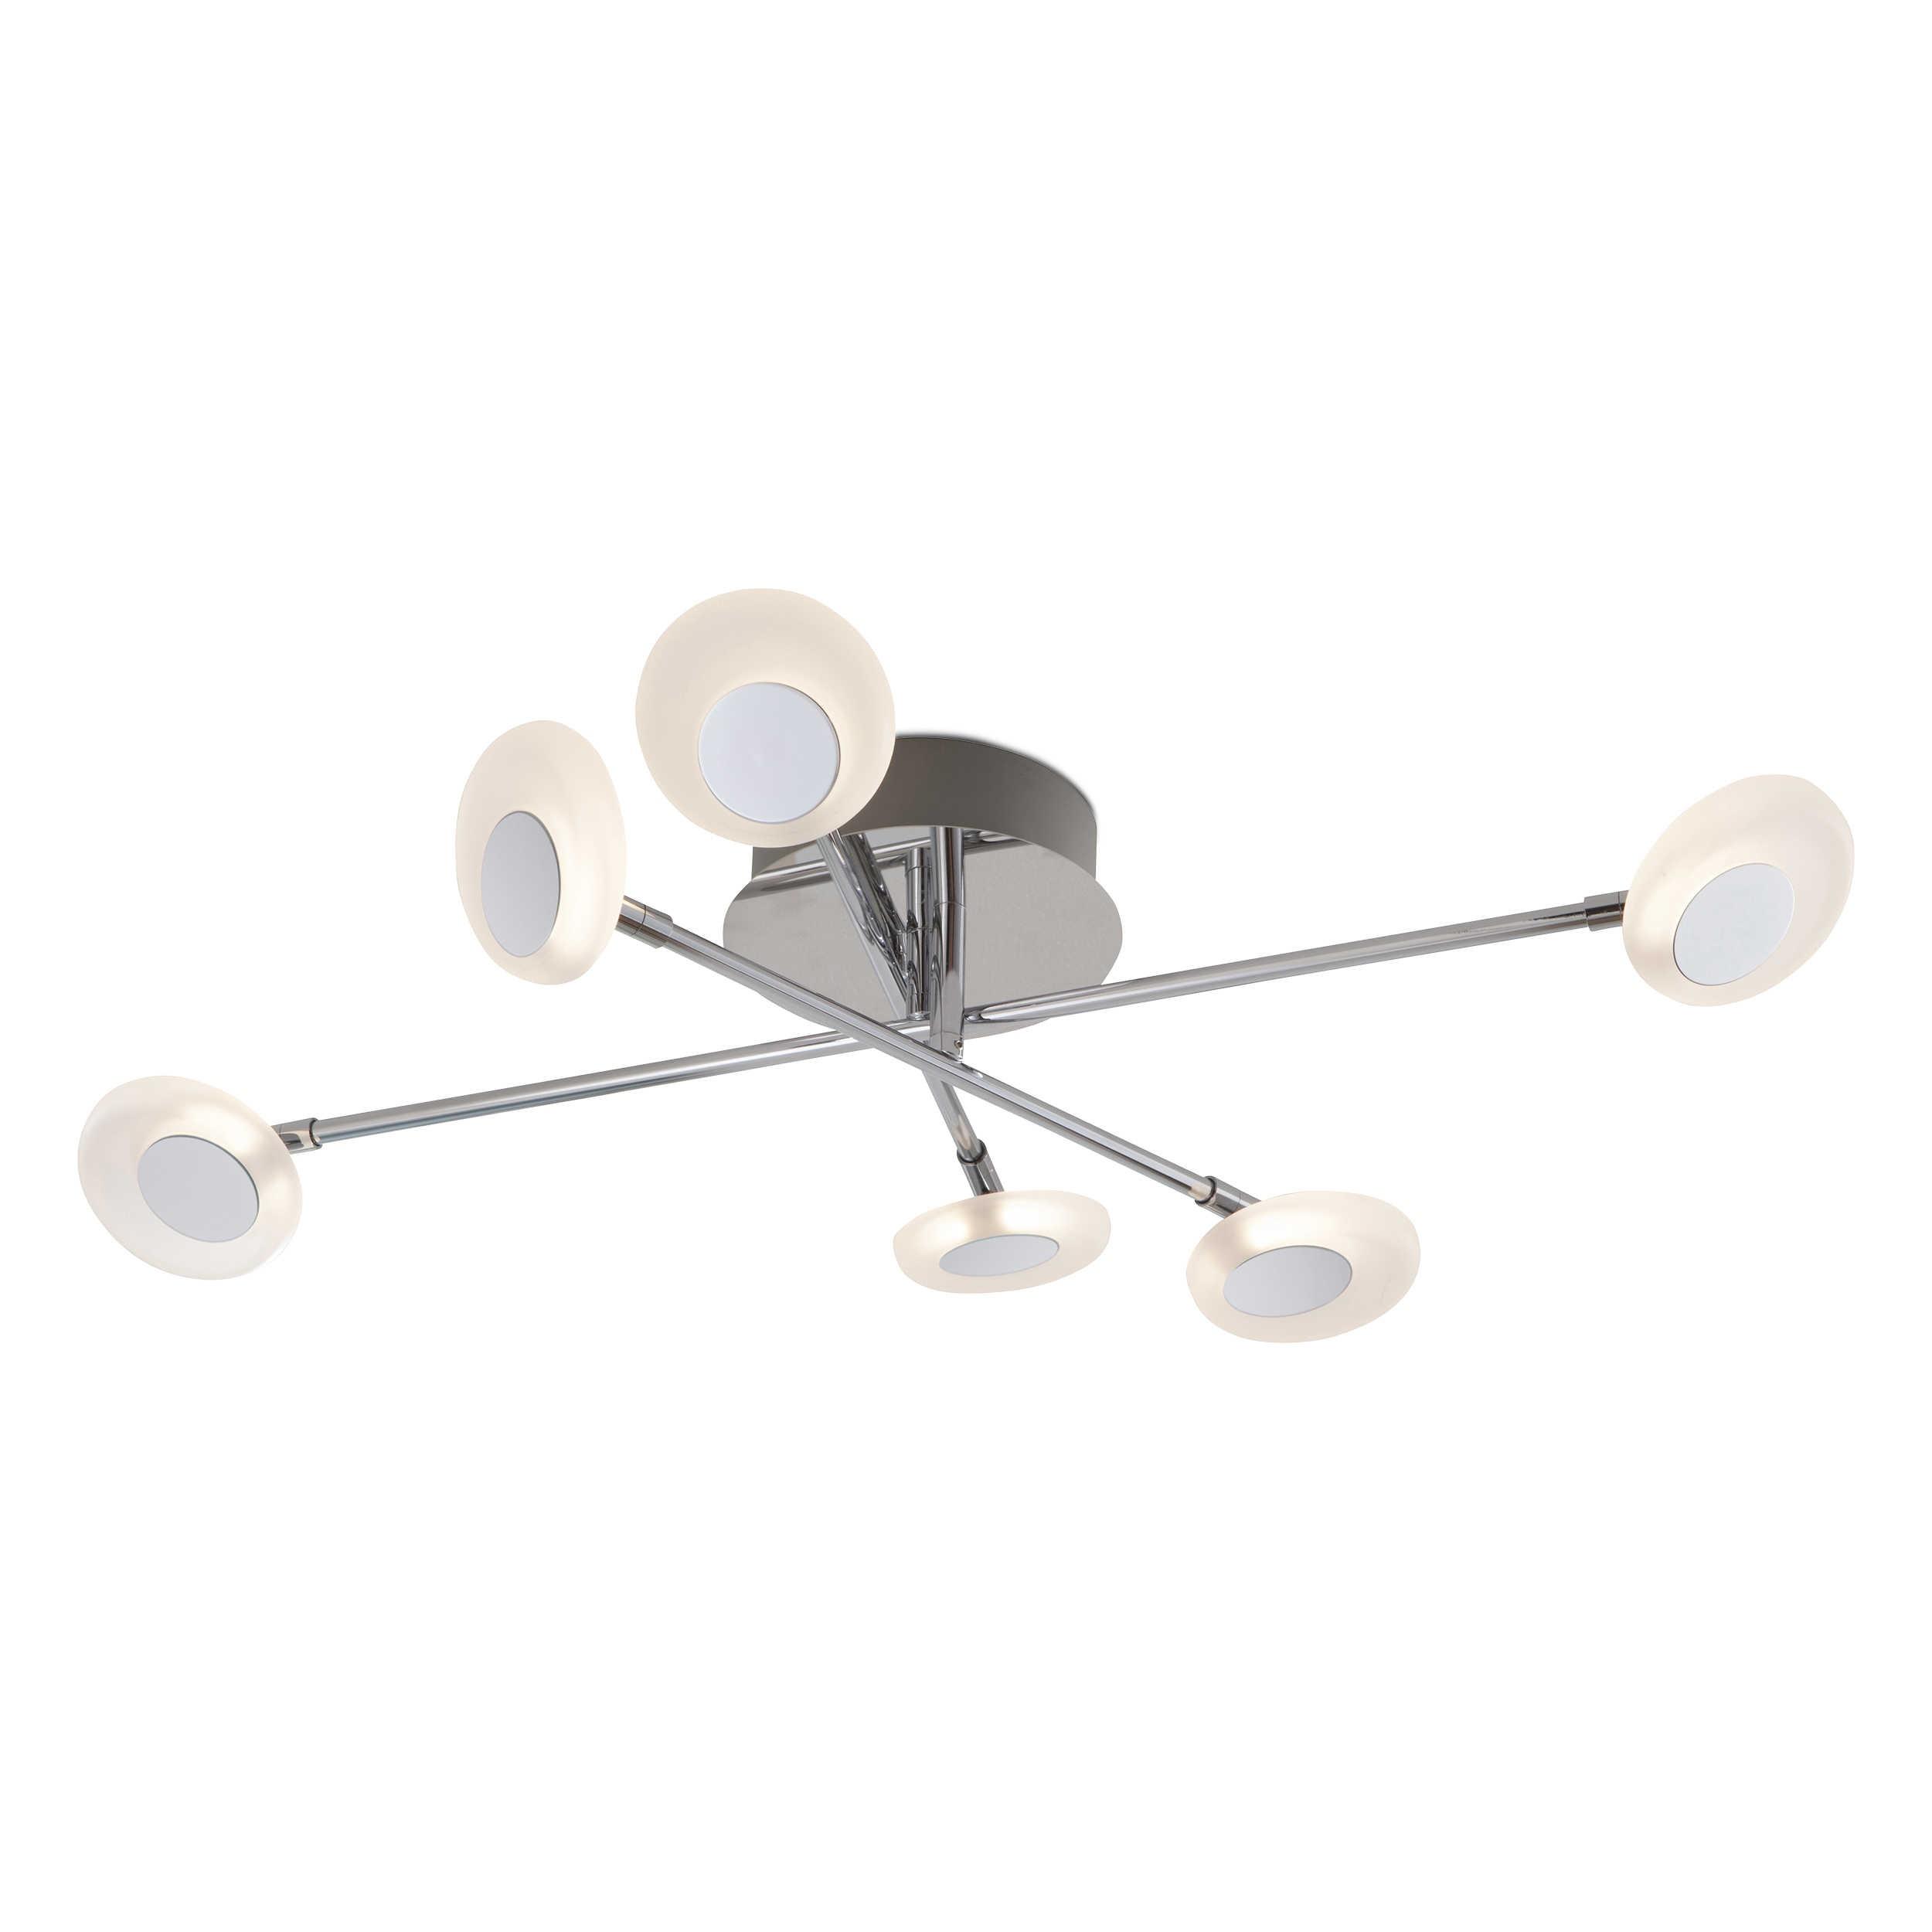 Designer Deckenleuchte Roma 30 Kaufen: DesignLive LED-Deckenleuchte Palma A+ Nickel Chrom,Alu